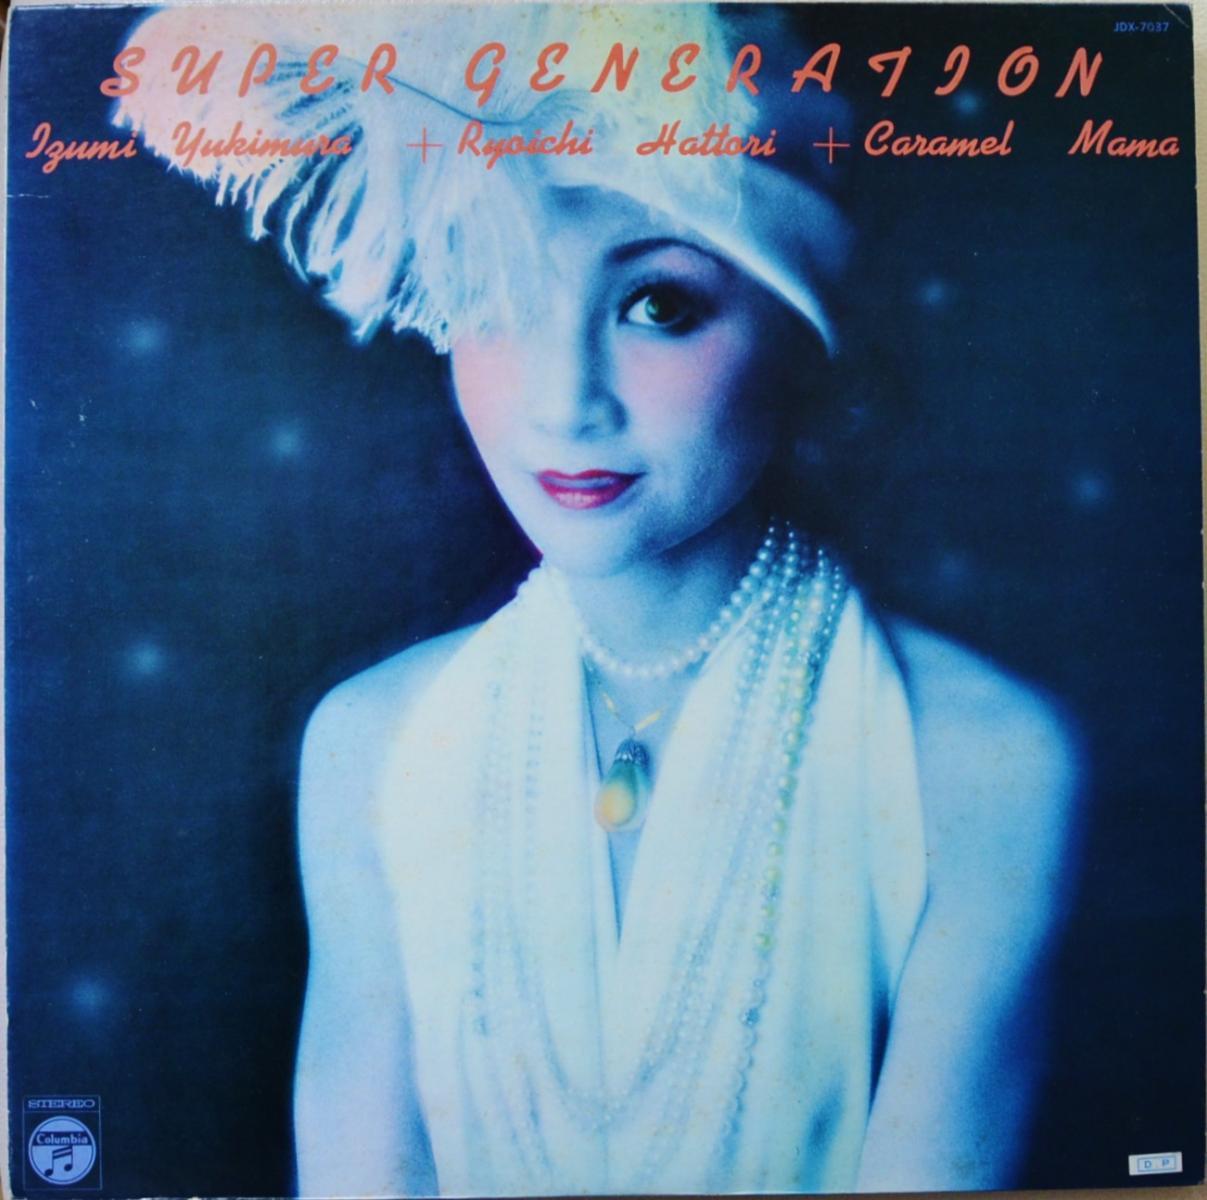 雪村いづみ IZUMI YUKIMURA+RYOICHI HATTORI+CARAMEL MAMA / スーパー・ジェネレイション SUPER GENERATION (LP)